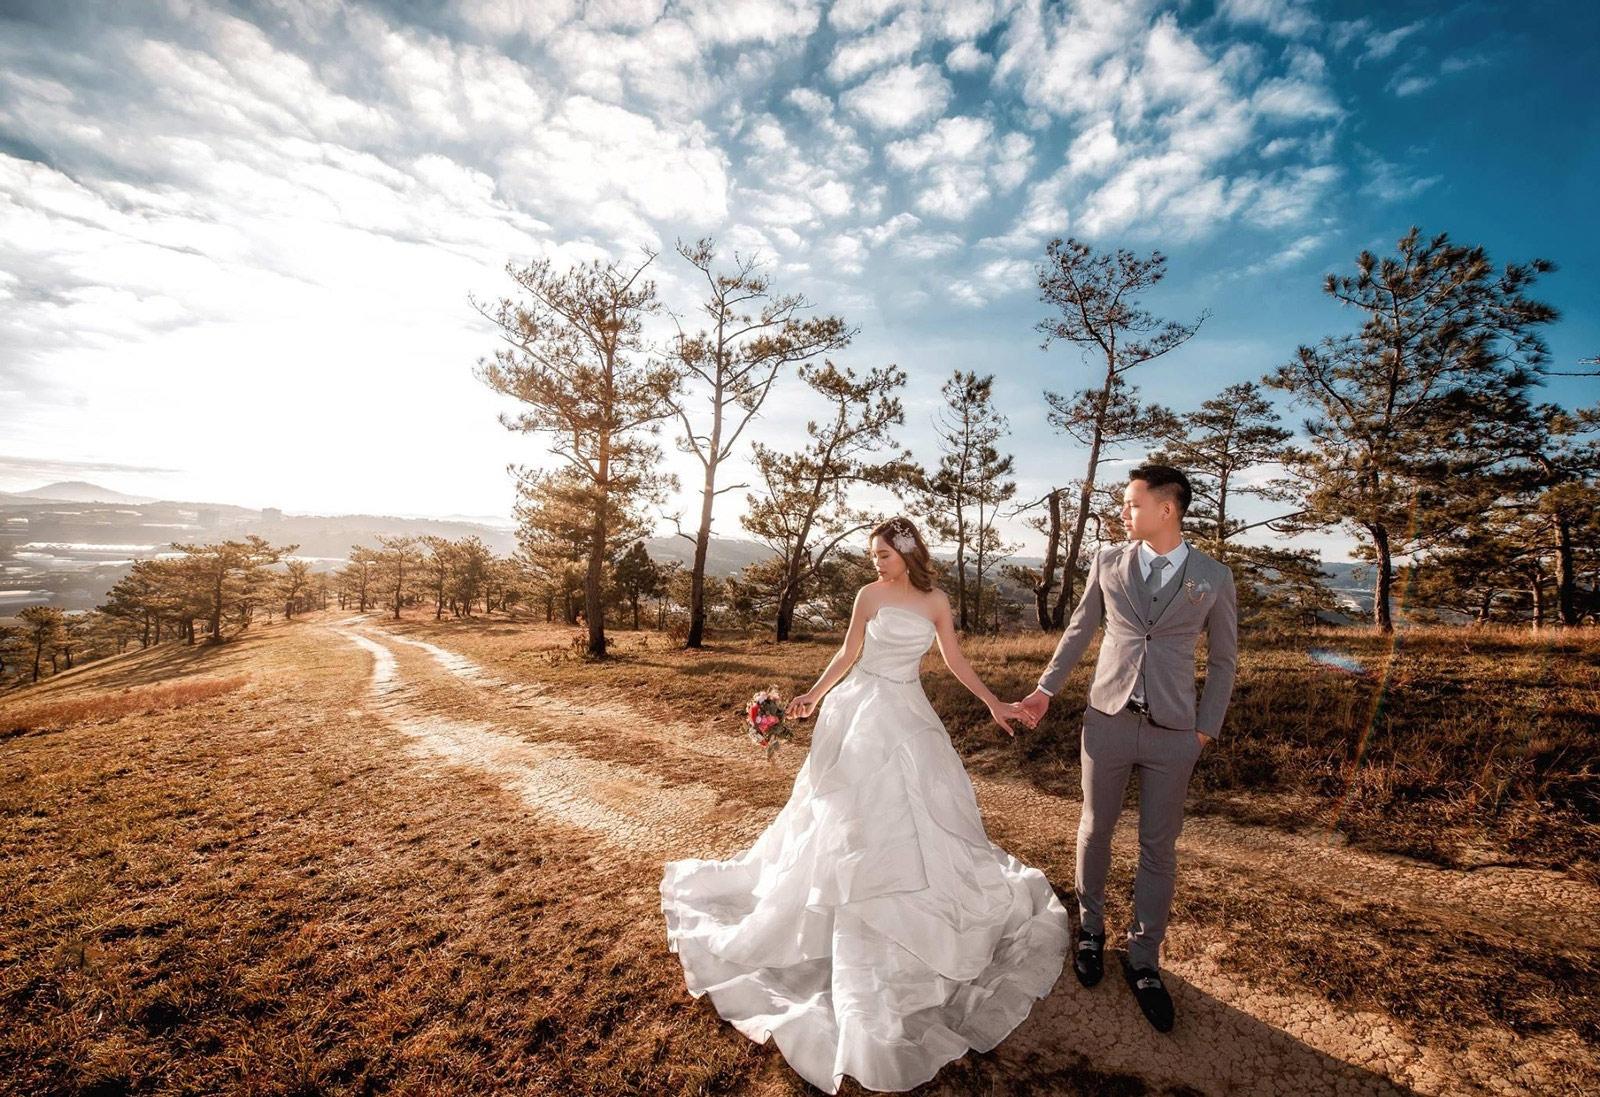 Chụp hình cưới đa dạng phong cách